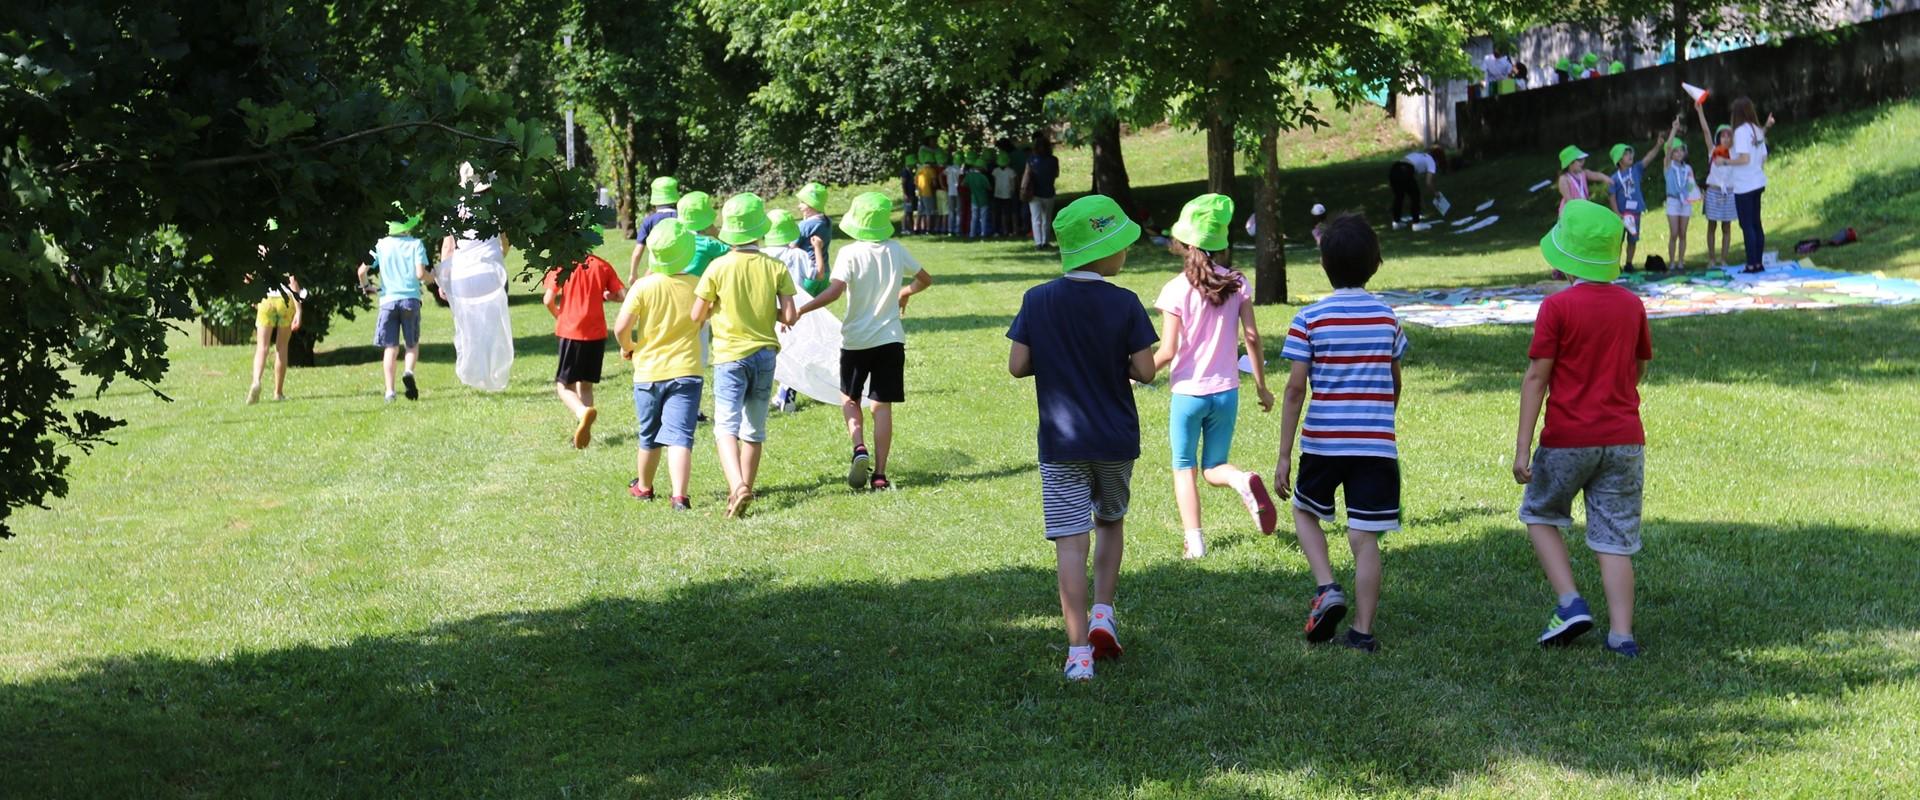 Semana do Ambiente: o primeiro dia cheio de juventude e boa disposição